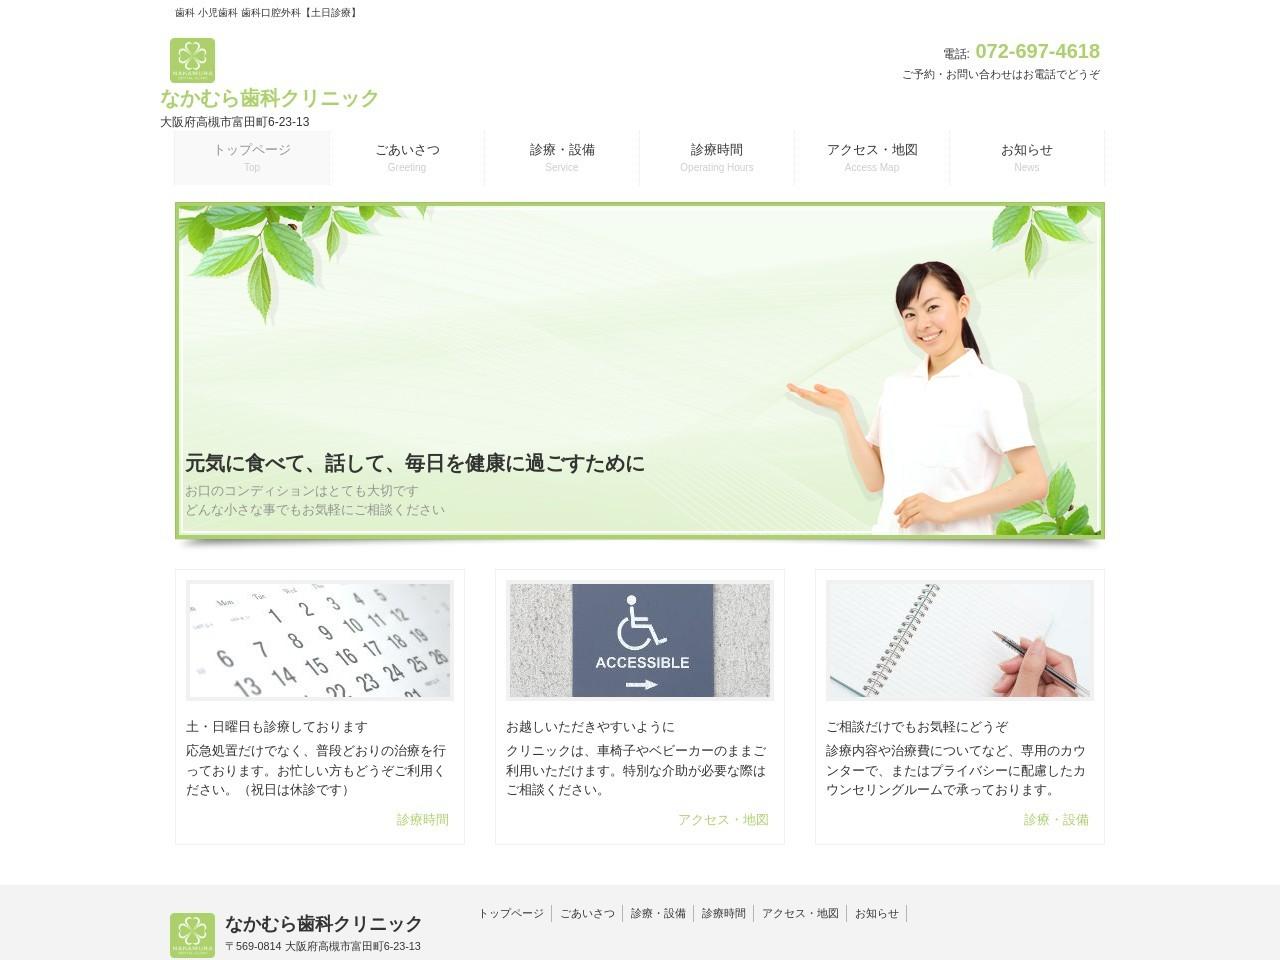 なかむら歯科クリニック (大阪府高槻市)